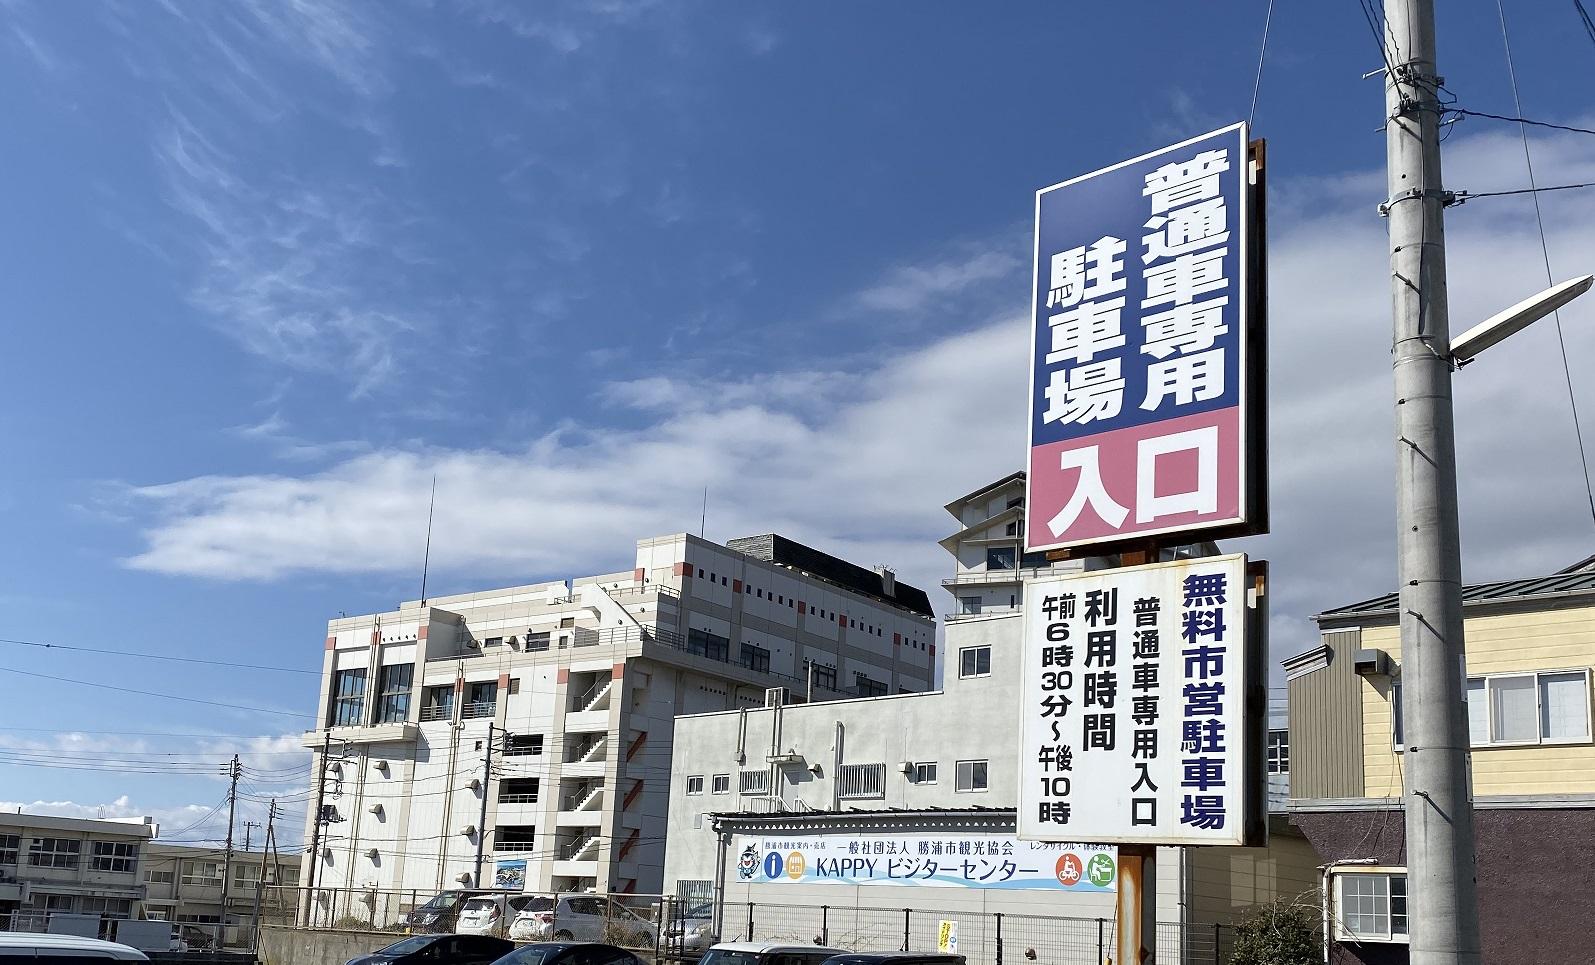 勝浦港 駐車場 無料